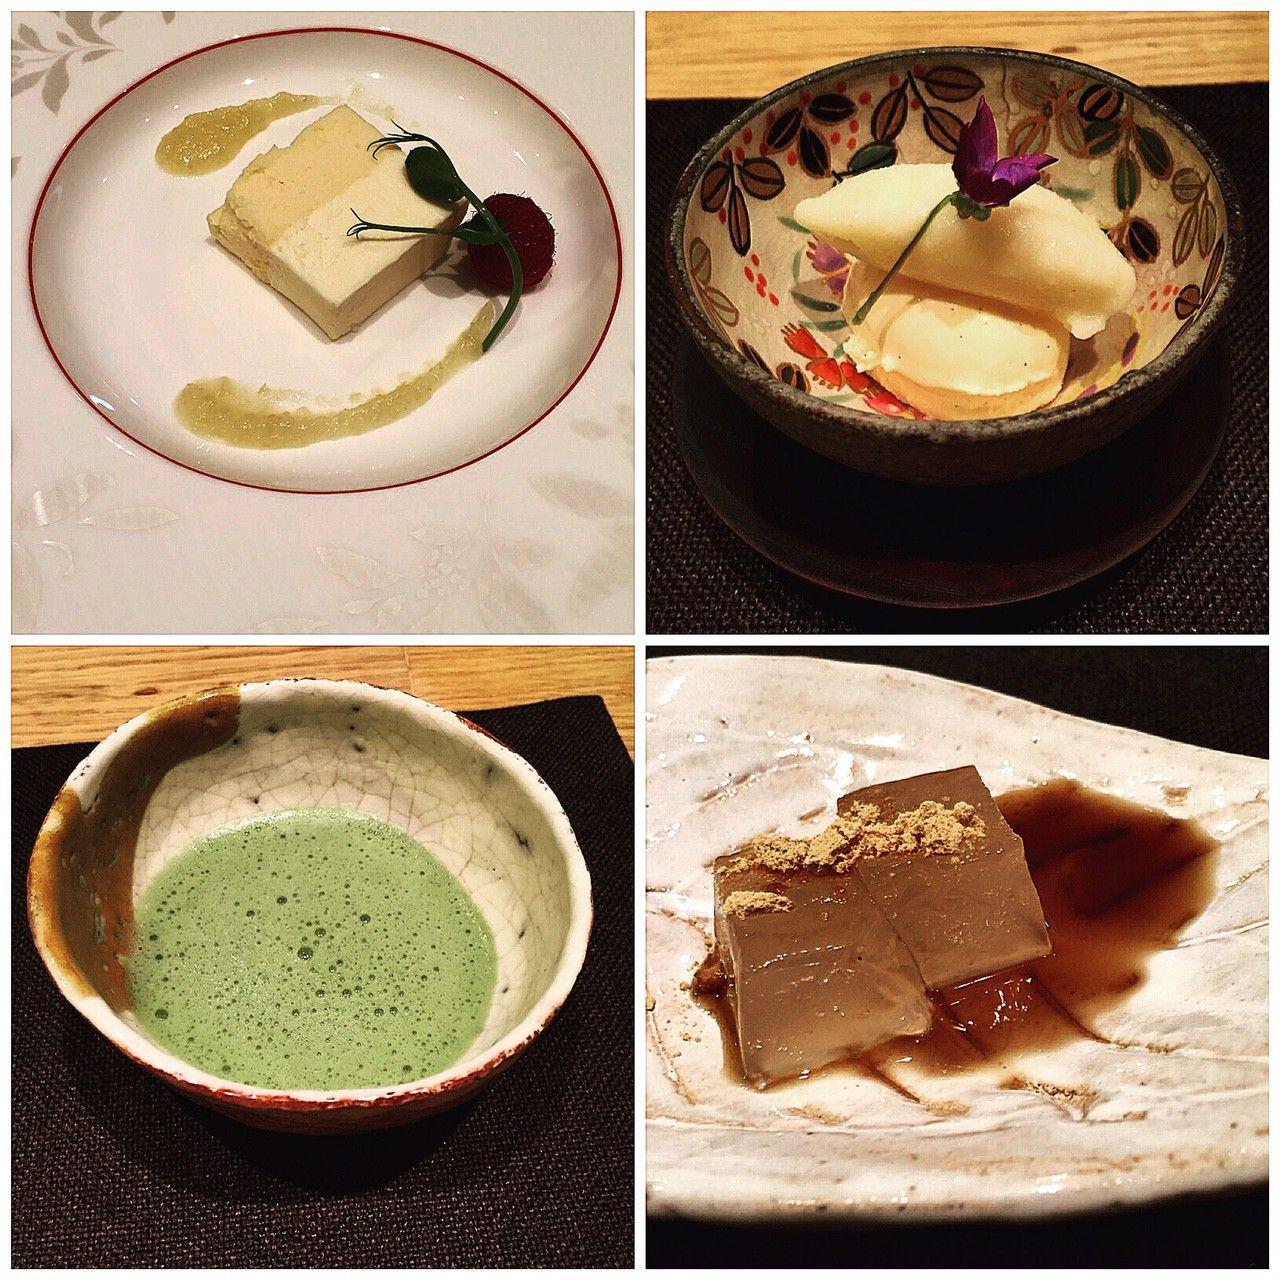 Kanazawa_As sobremesas da Kayo: cheesecake com puré de casca de limão; gelado de baunilha com sorbet de goiaba branca, macha e warabi mochi (gomas